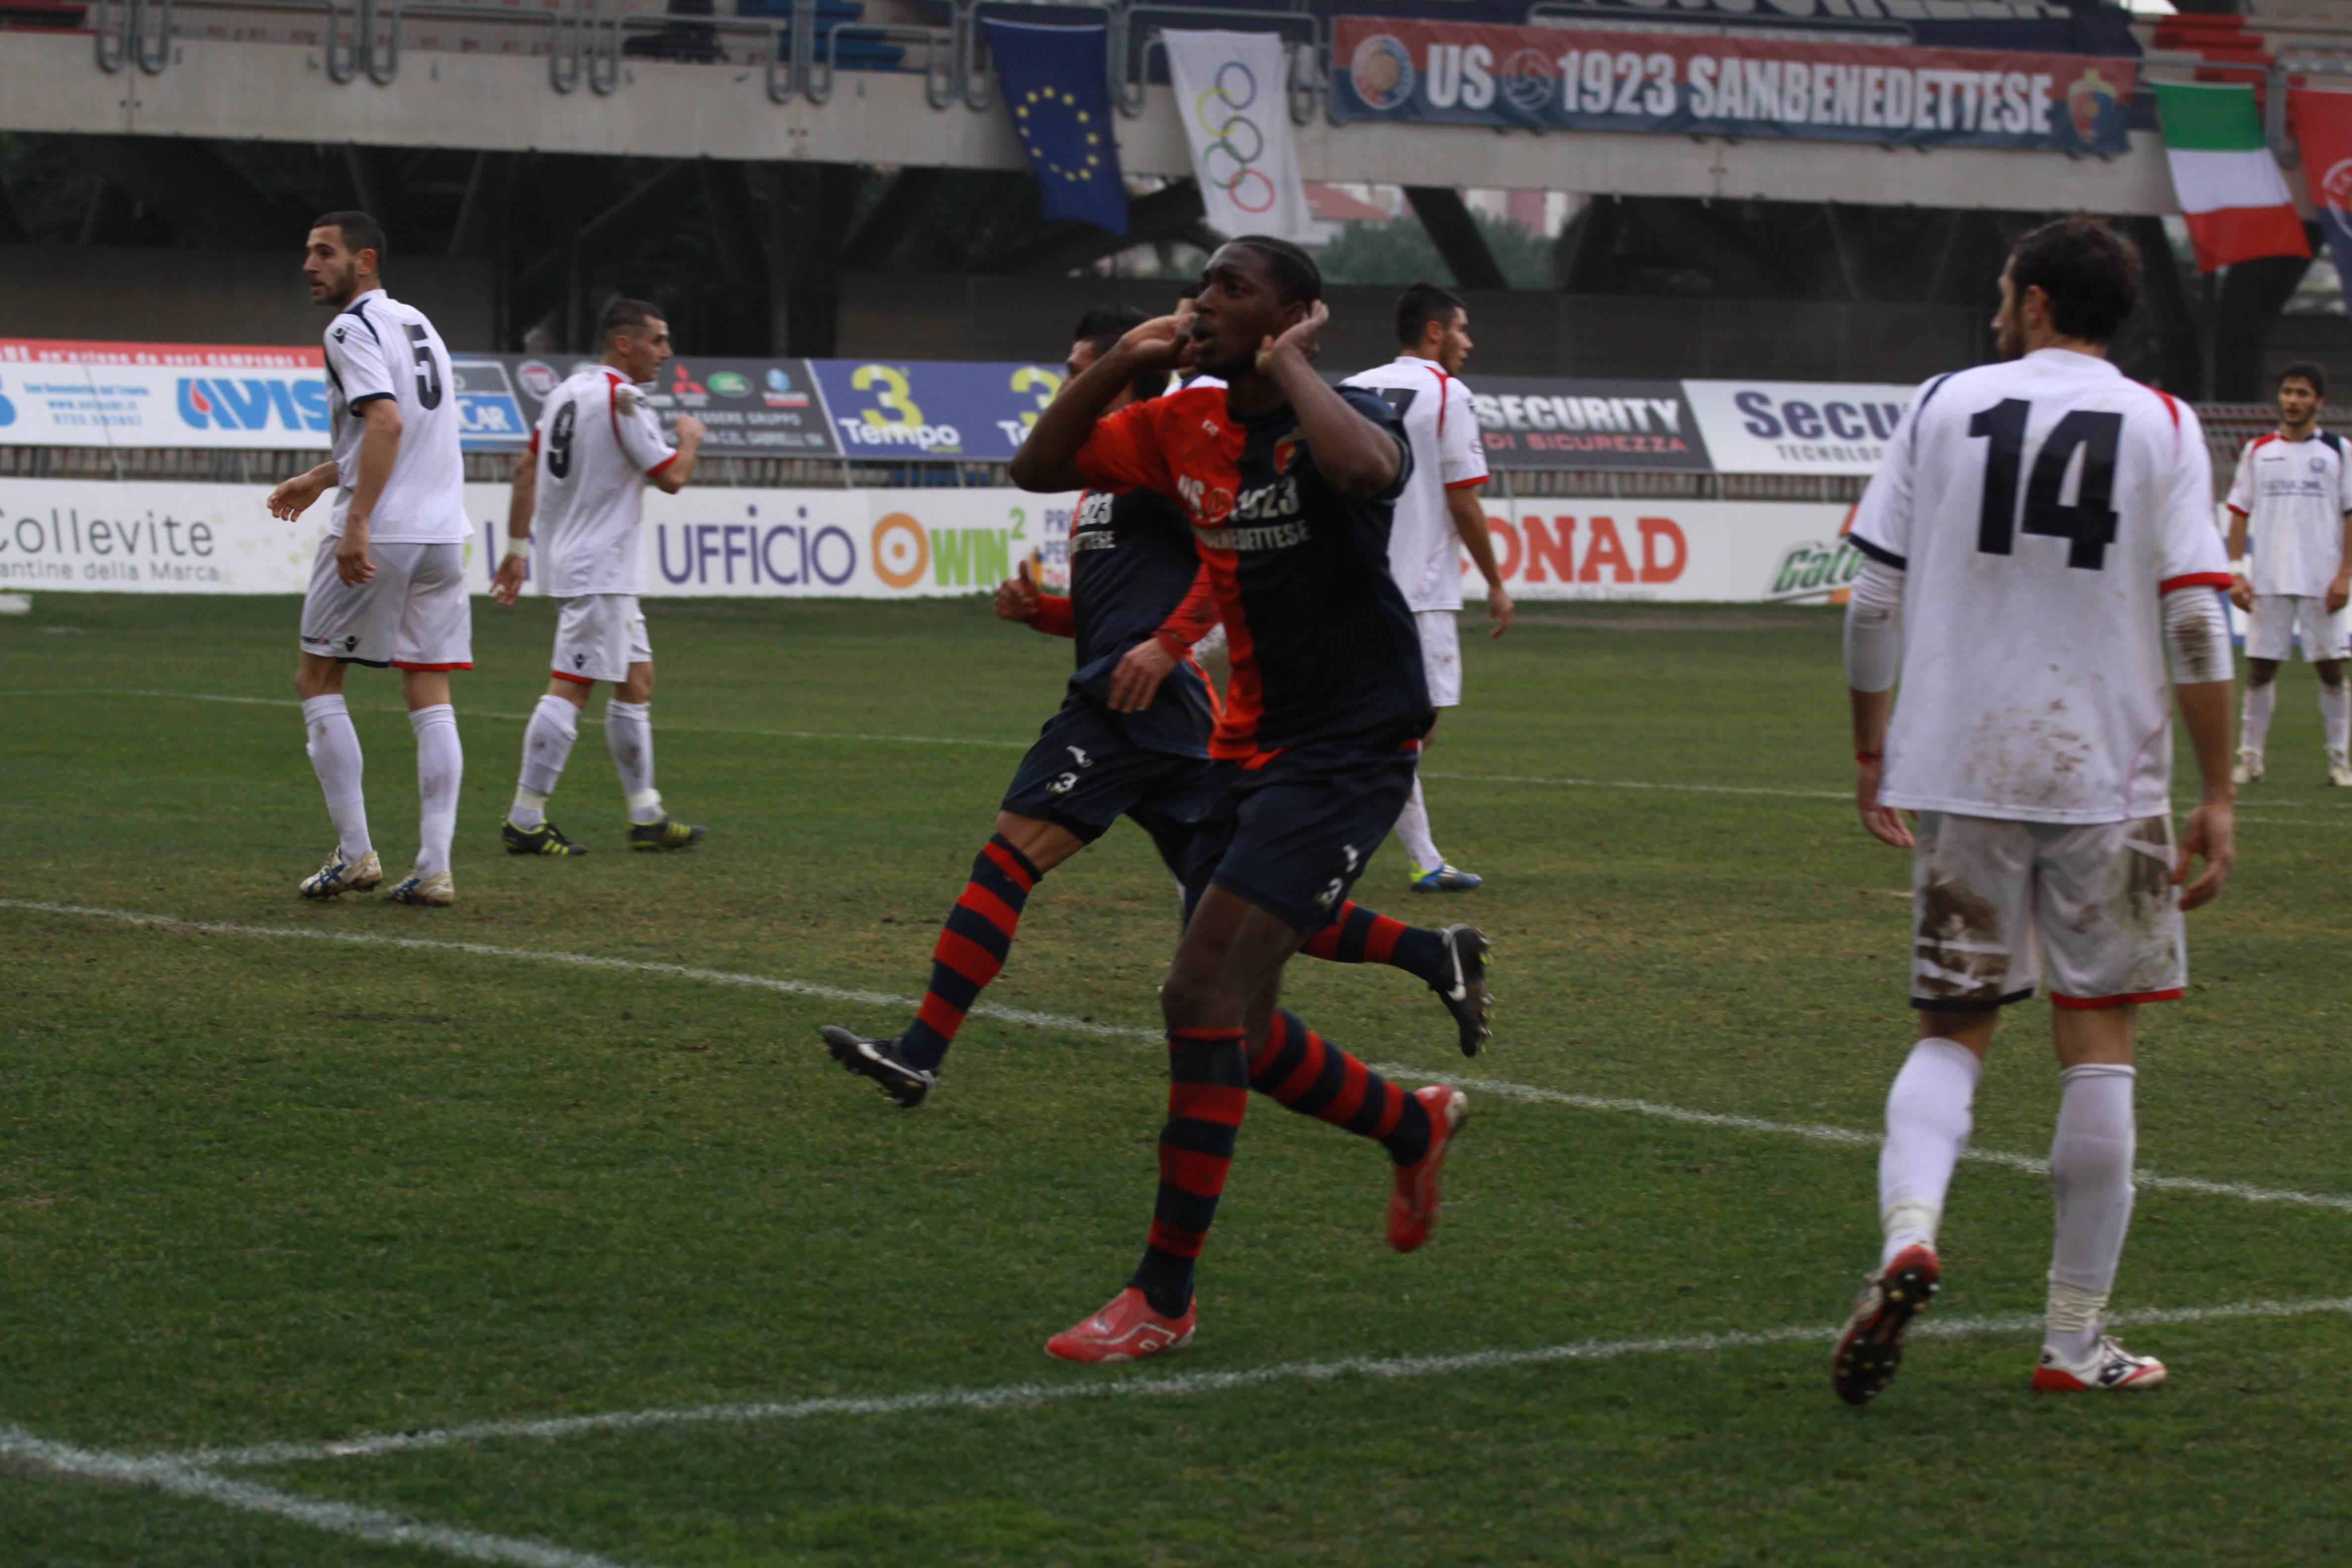 Samb-San Cesareo, l'esultanza di Djibo dopo il gol (bianchini)